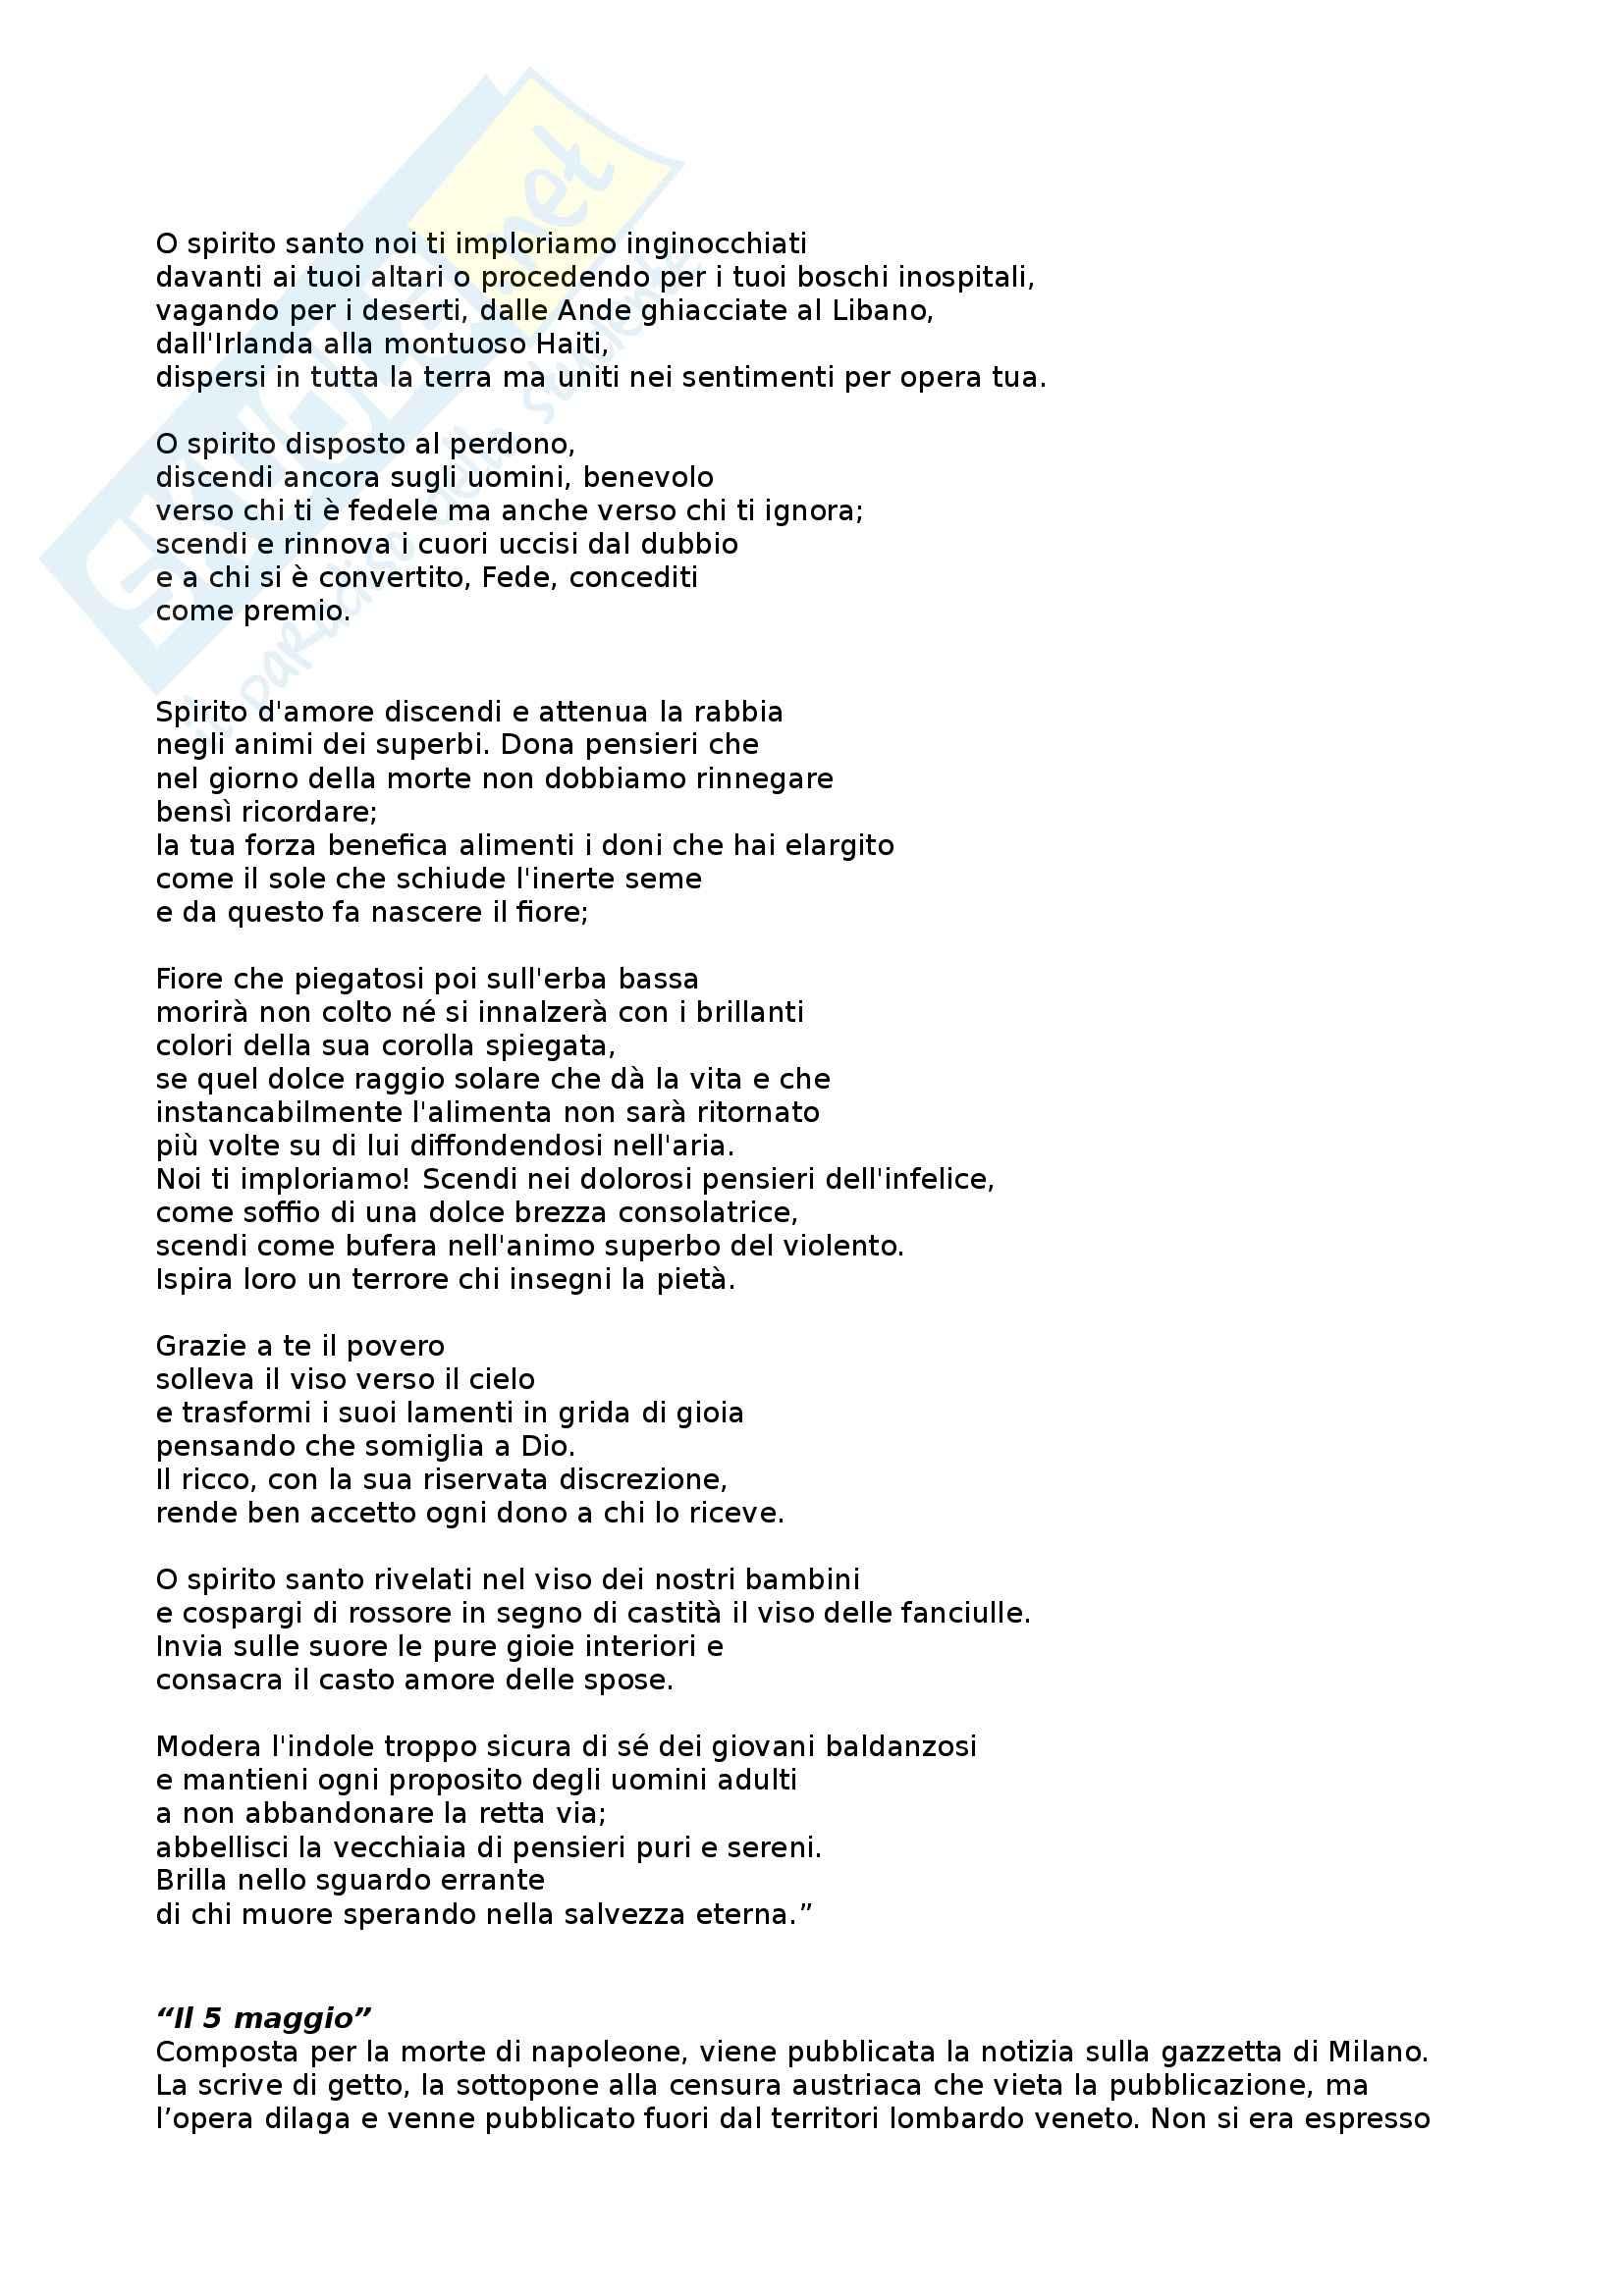 Letteratura italiana - Alessandro Manzoni Pag. 6